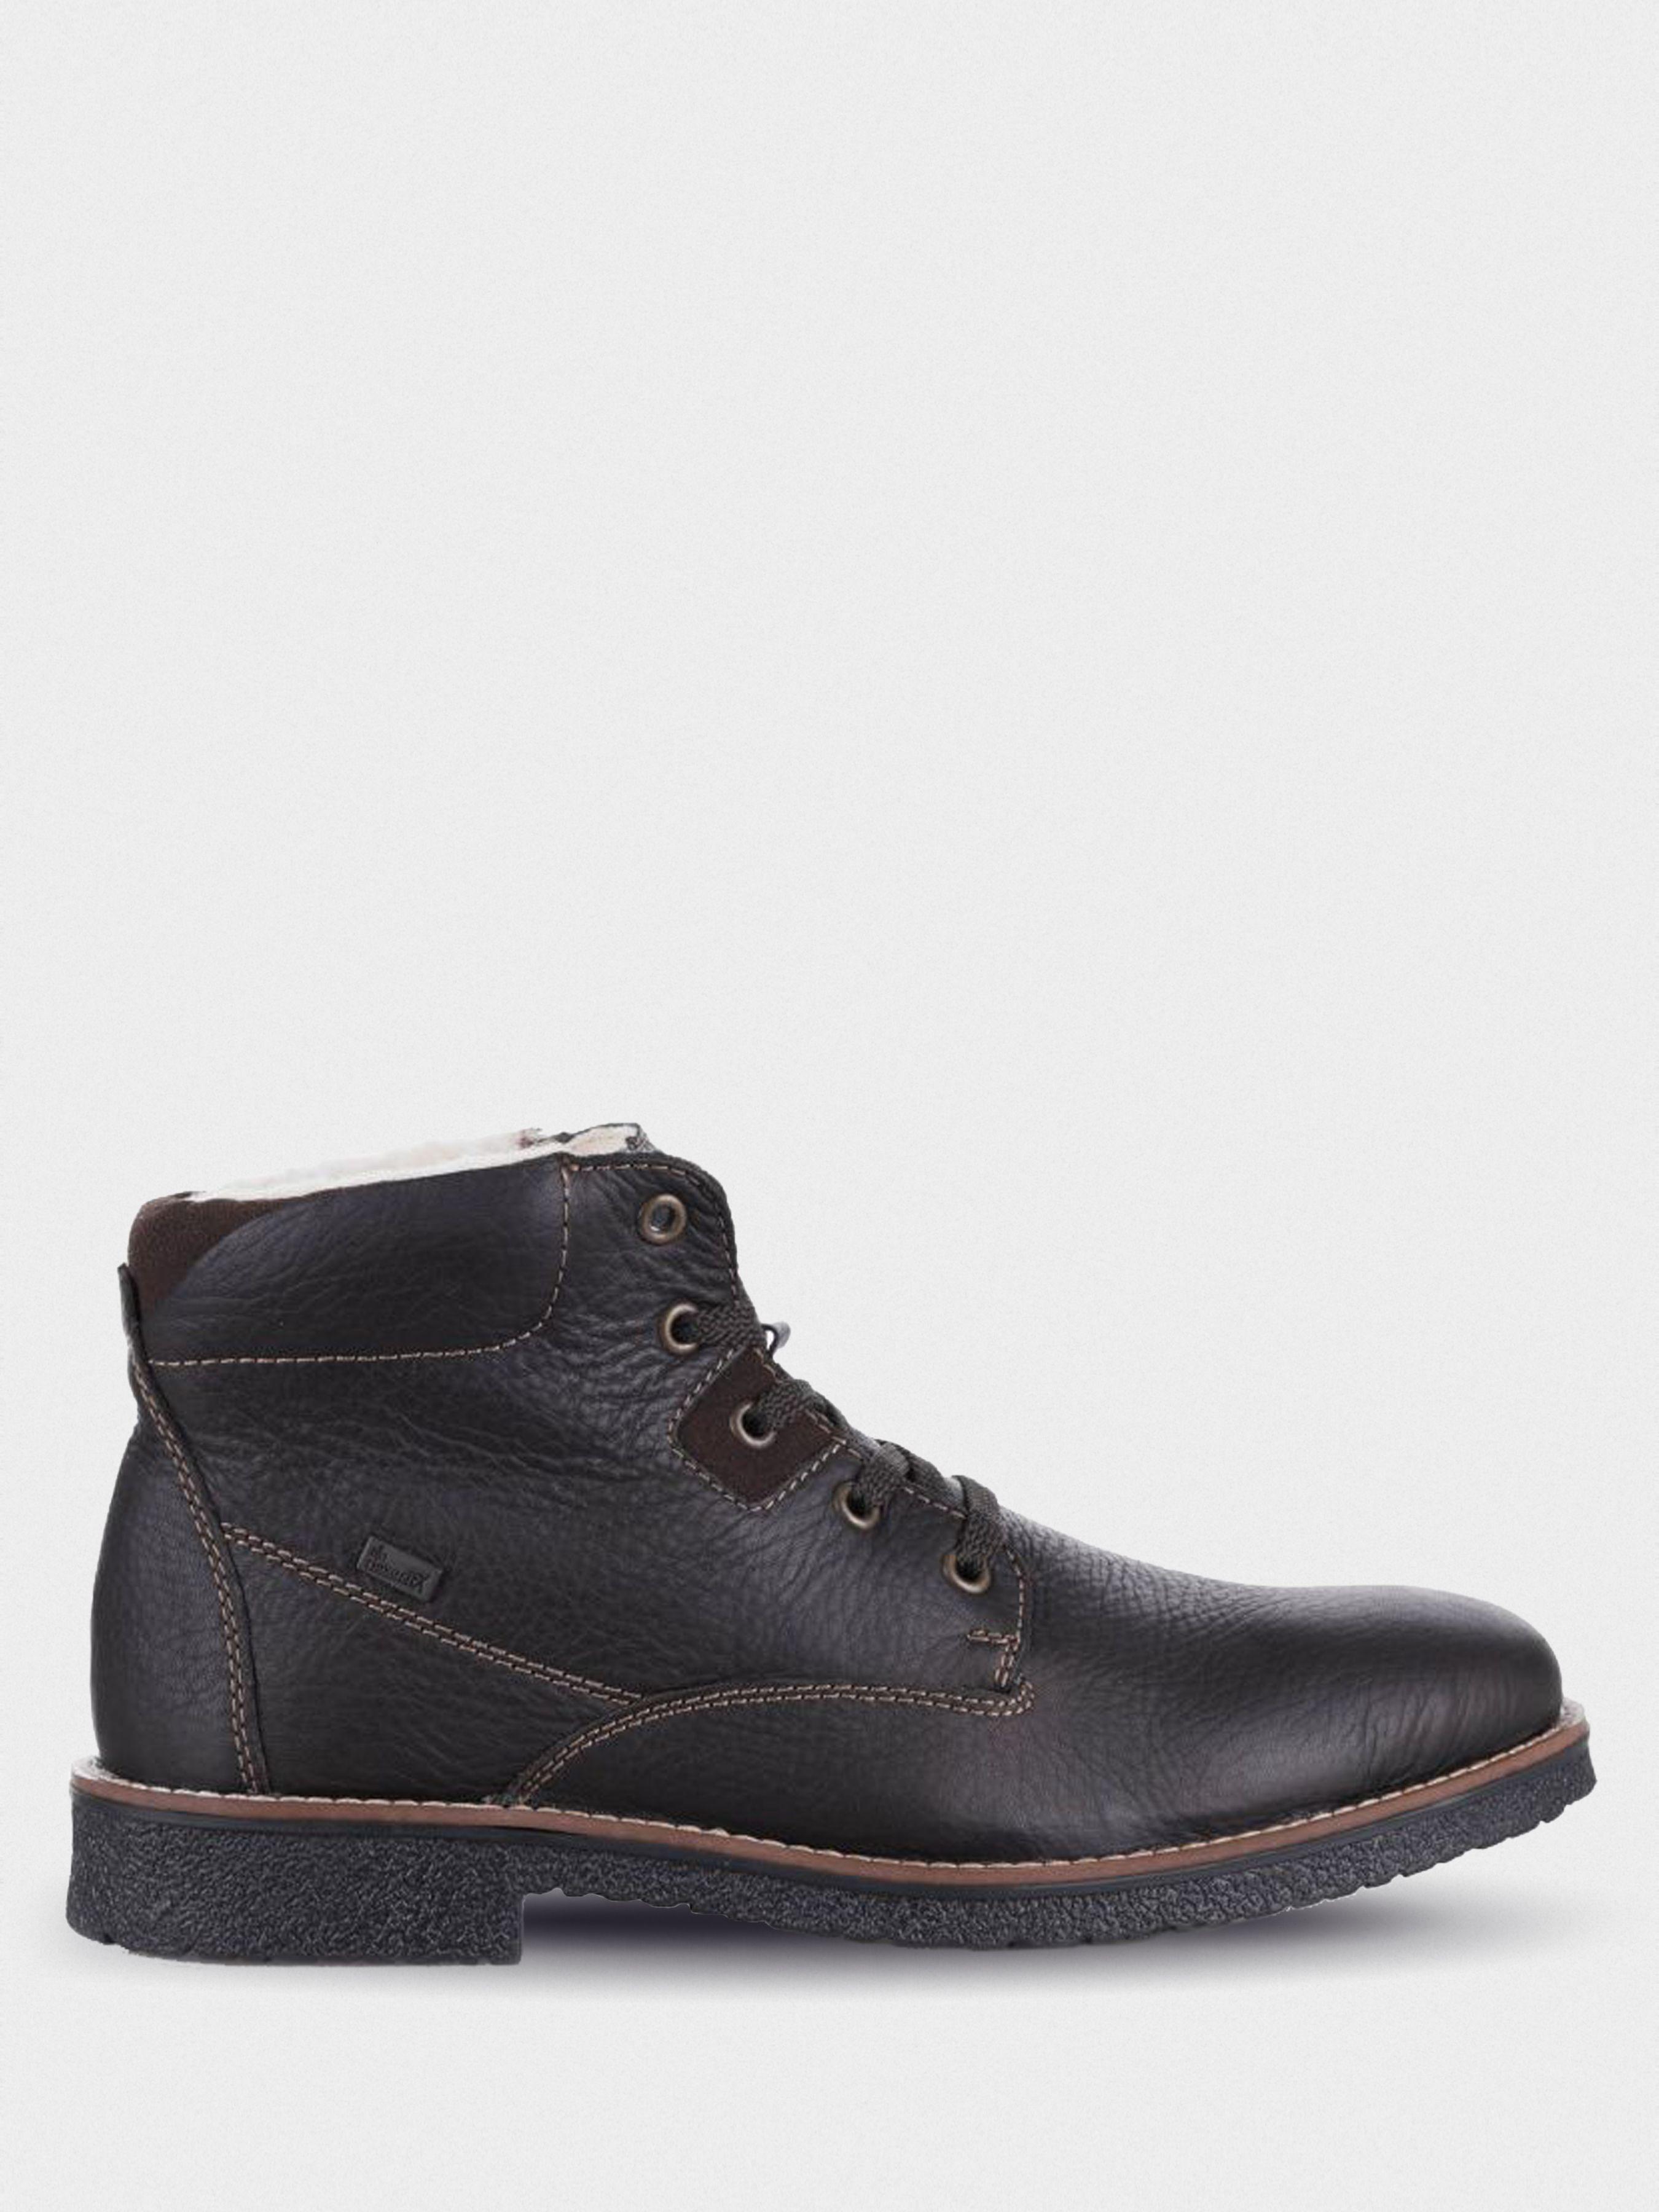 Ботинки для мужчин RIEKER RK617 цена, 2017